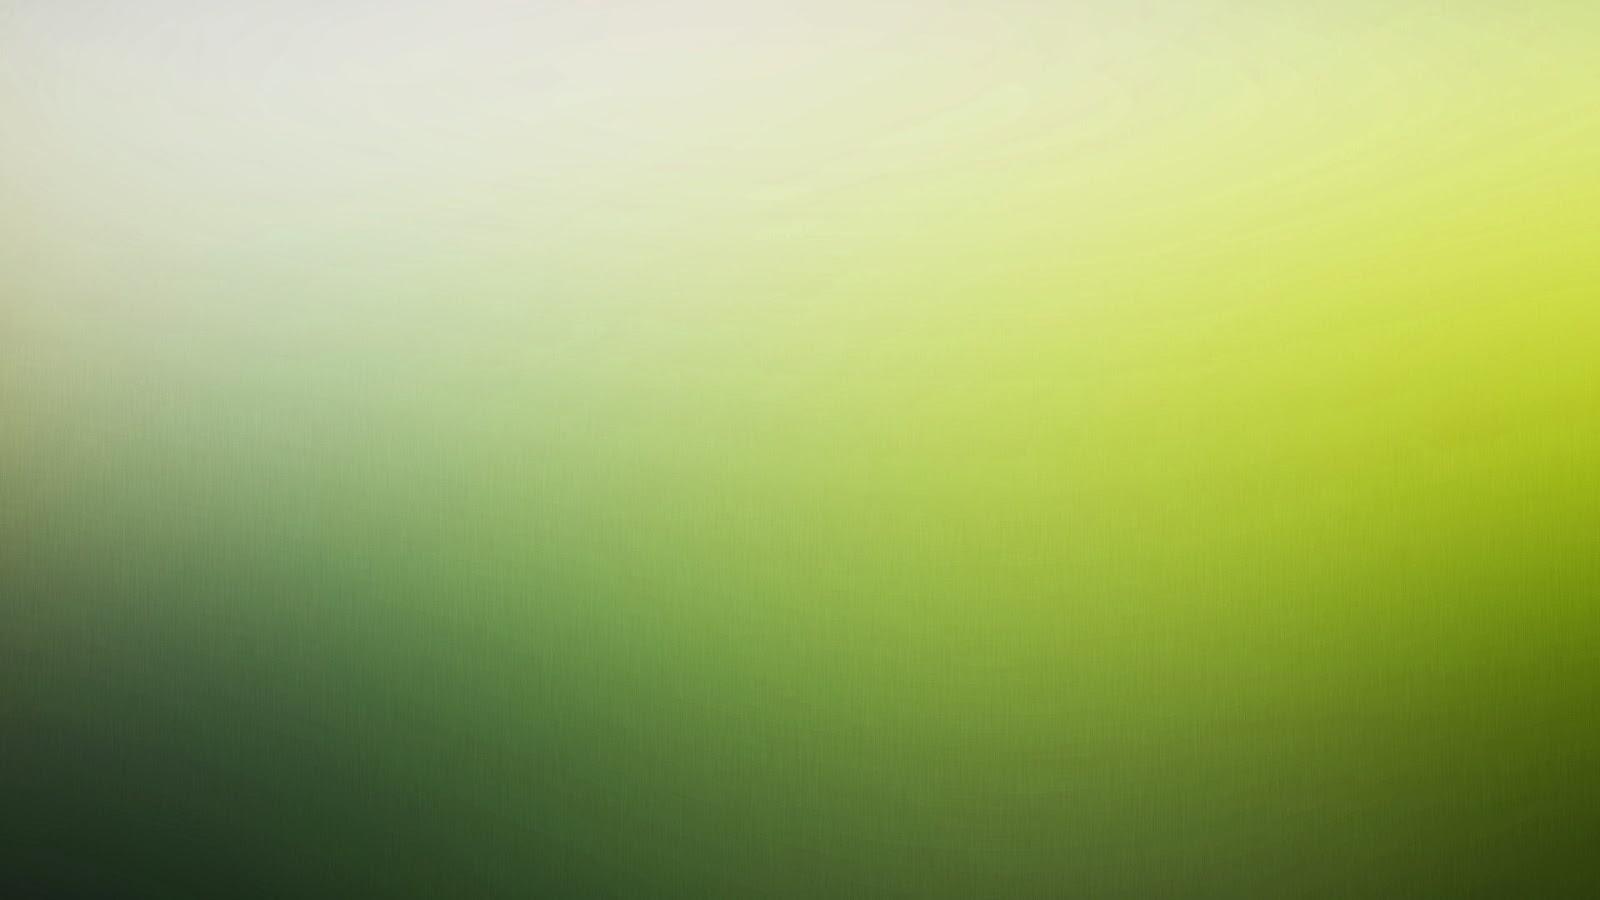 imagenes de fondo de pantalla linux mint 16 petra